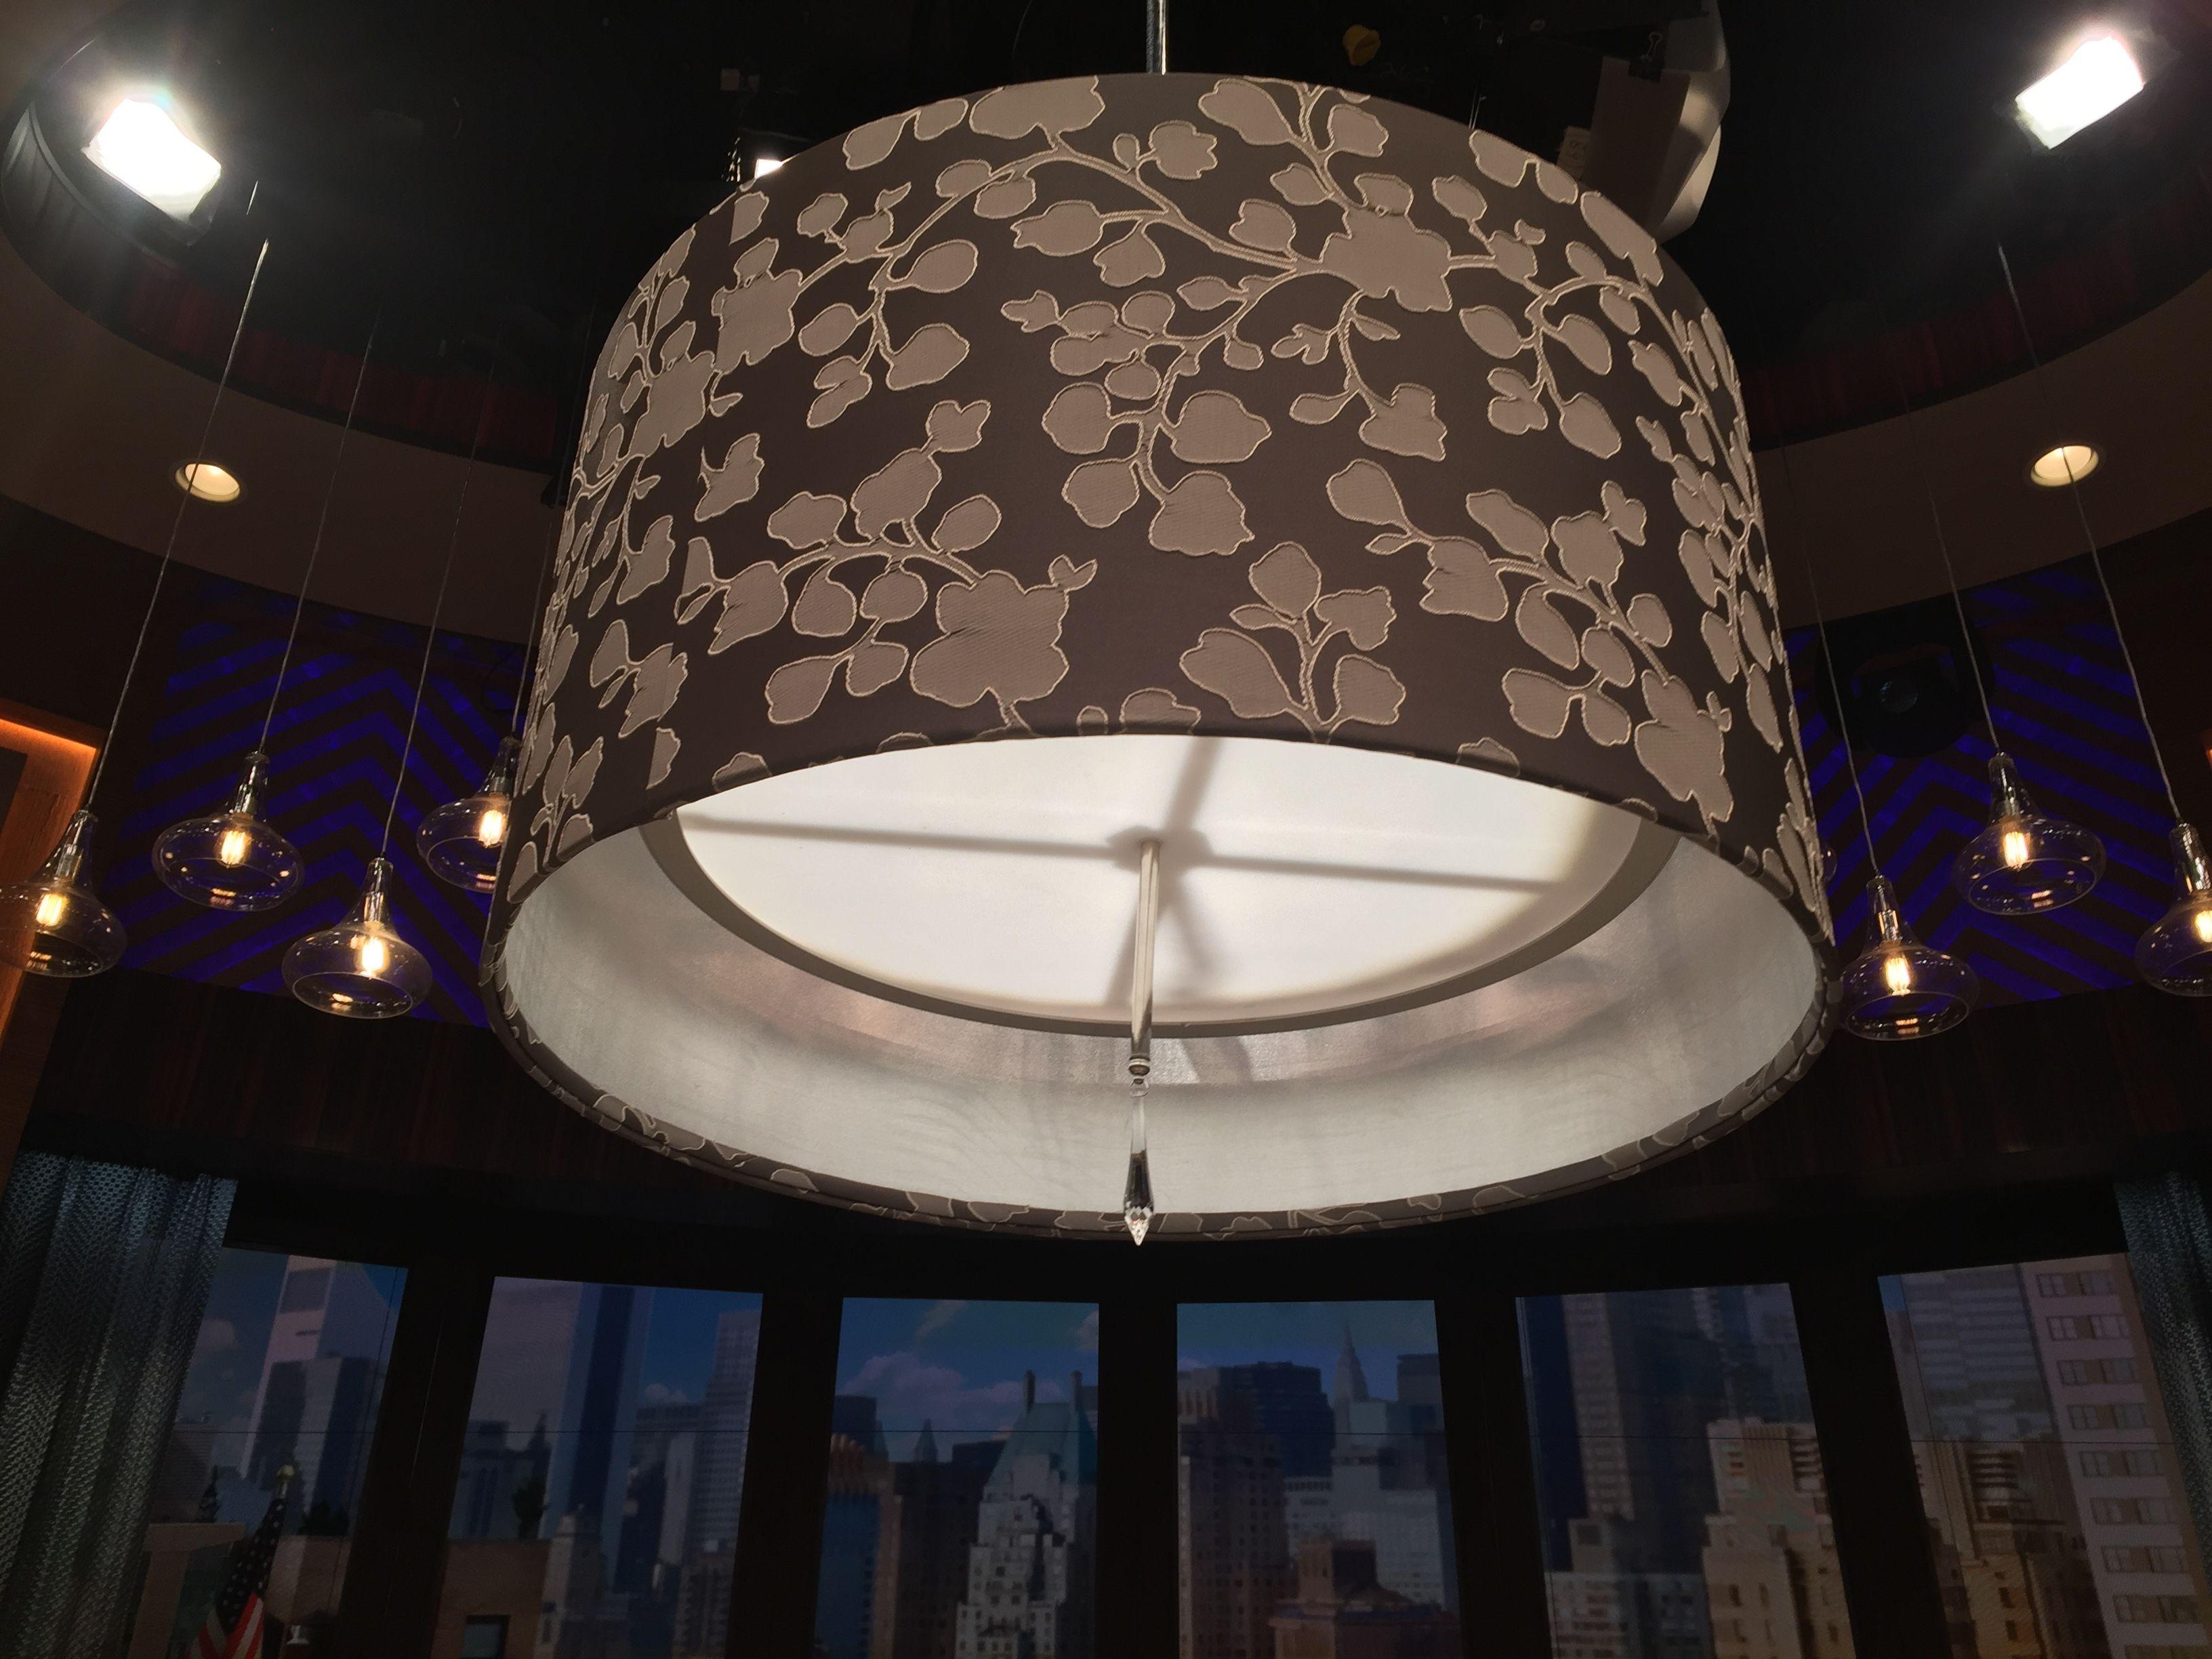 Pendant Fixture L& Paris Petal Pendant from Stonegate Designs. //.stonegatedesigns.com/ & Pendant Fixture Lamp: Paris Petal Pendant from Stonegate Designs ...